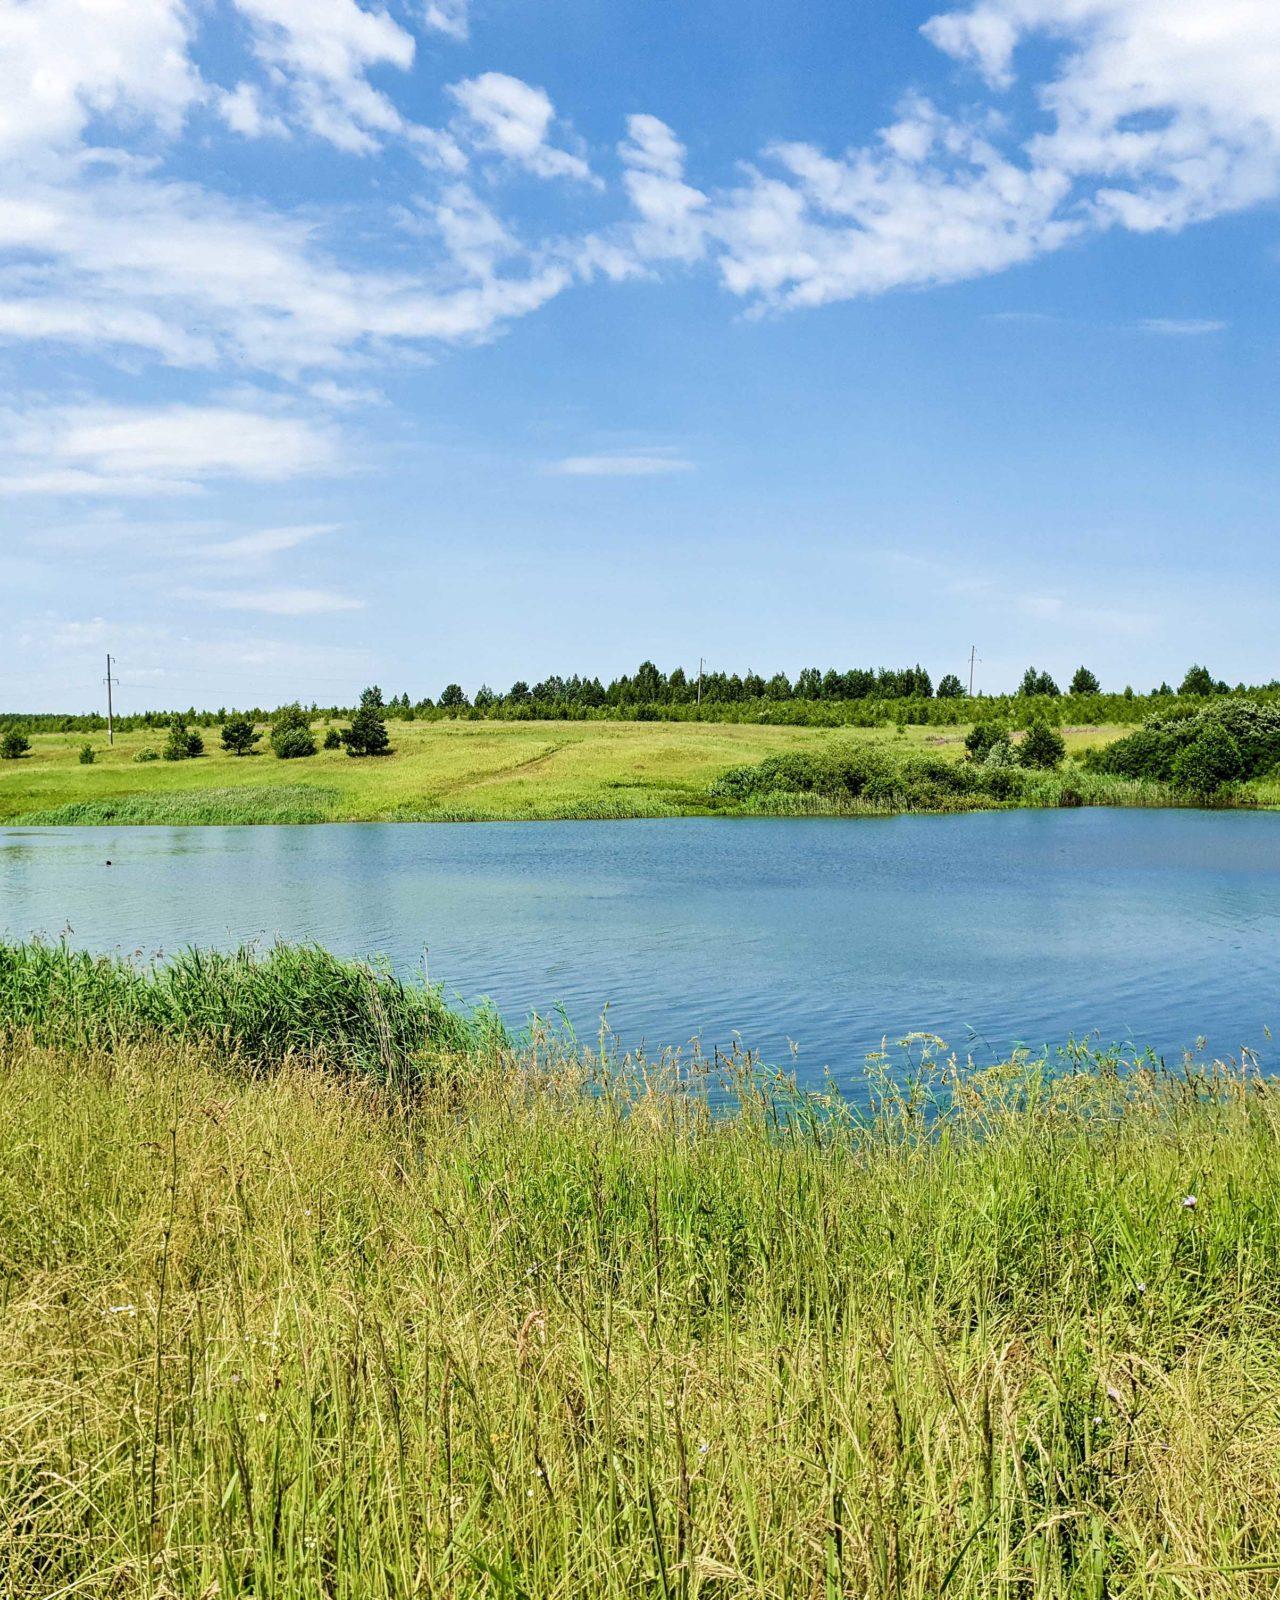 каменские холмы, дом у воды, купить участок с домом, купить дом с землей, купить участок ижс